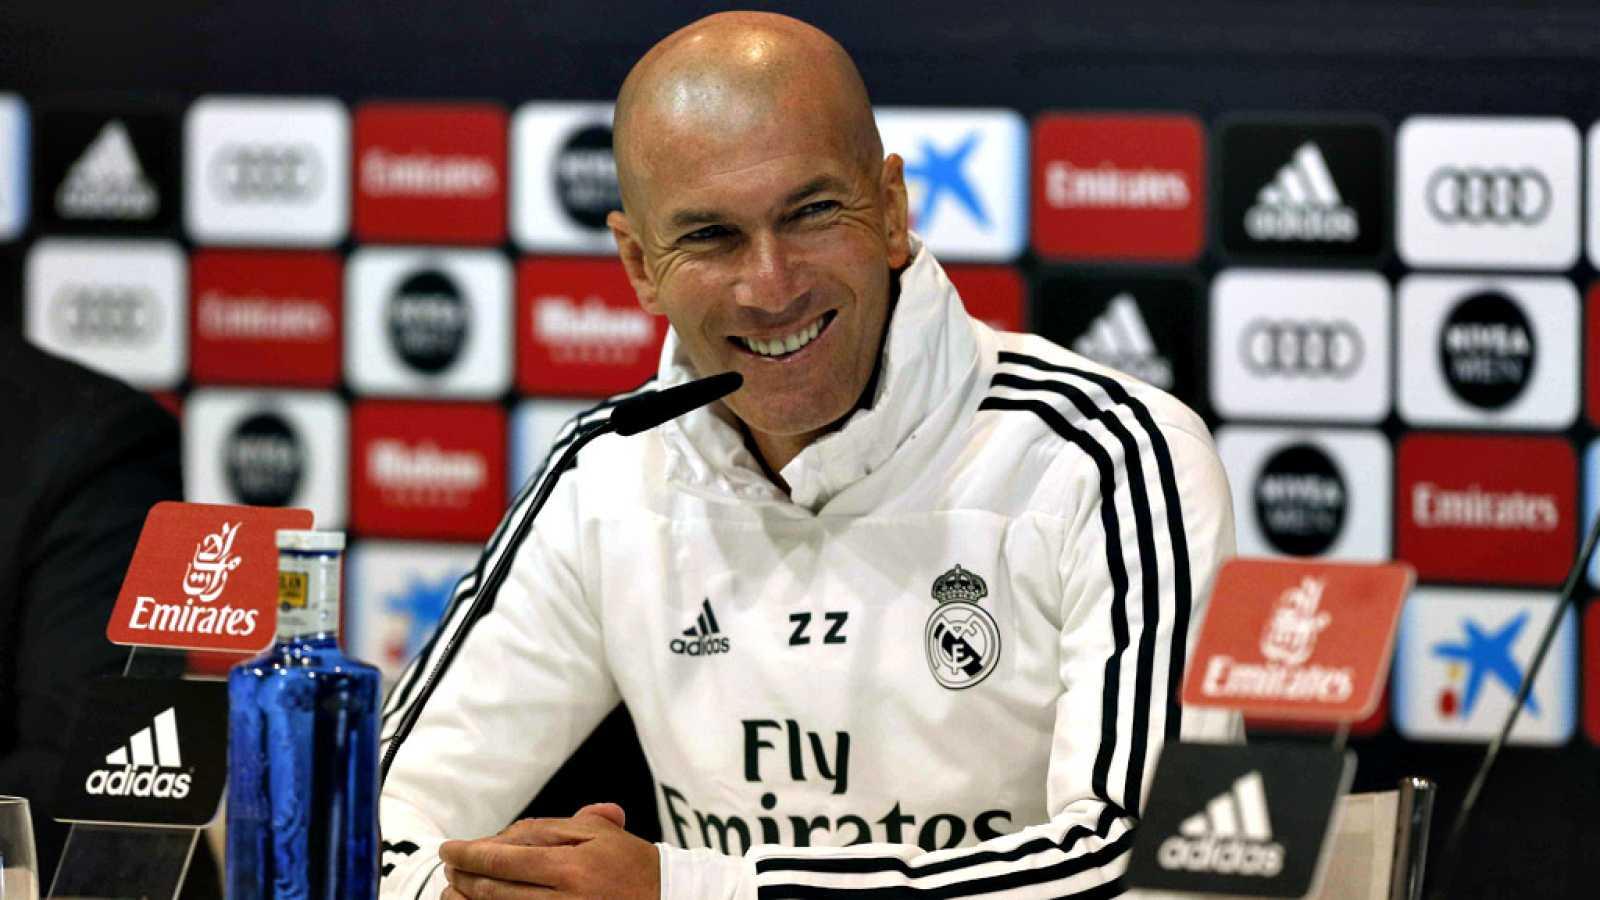 El Madrid siempre busca a los mejores